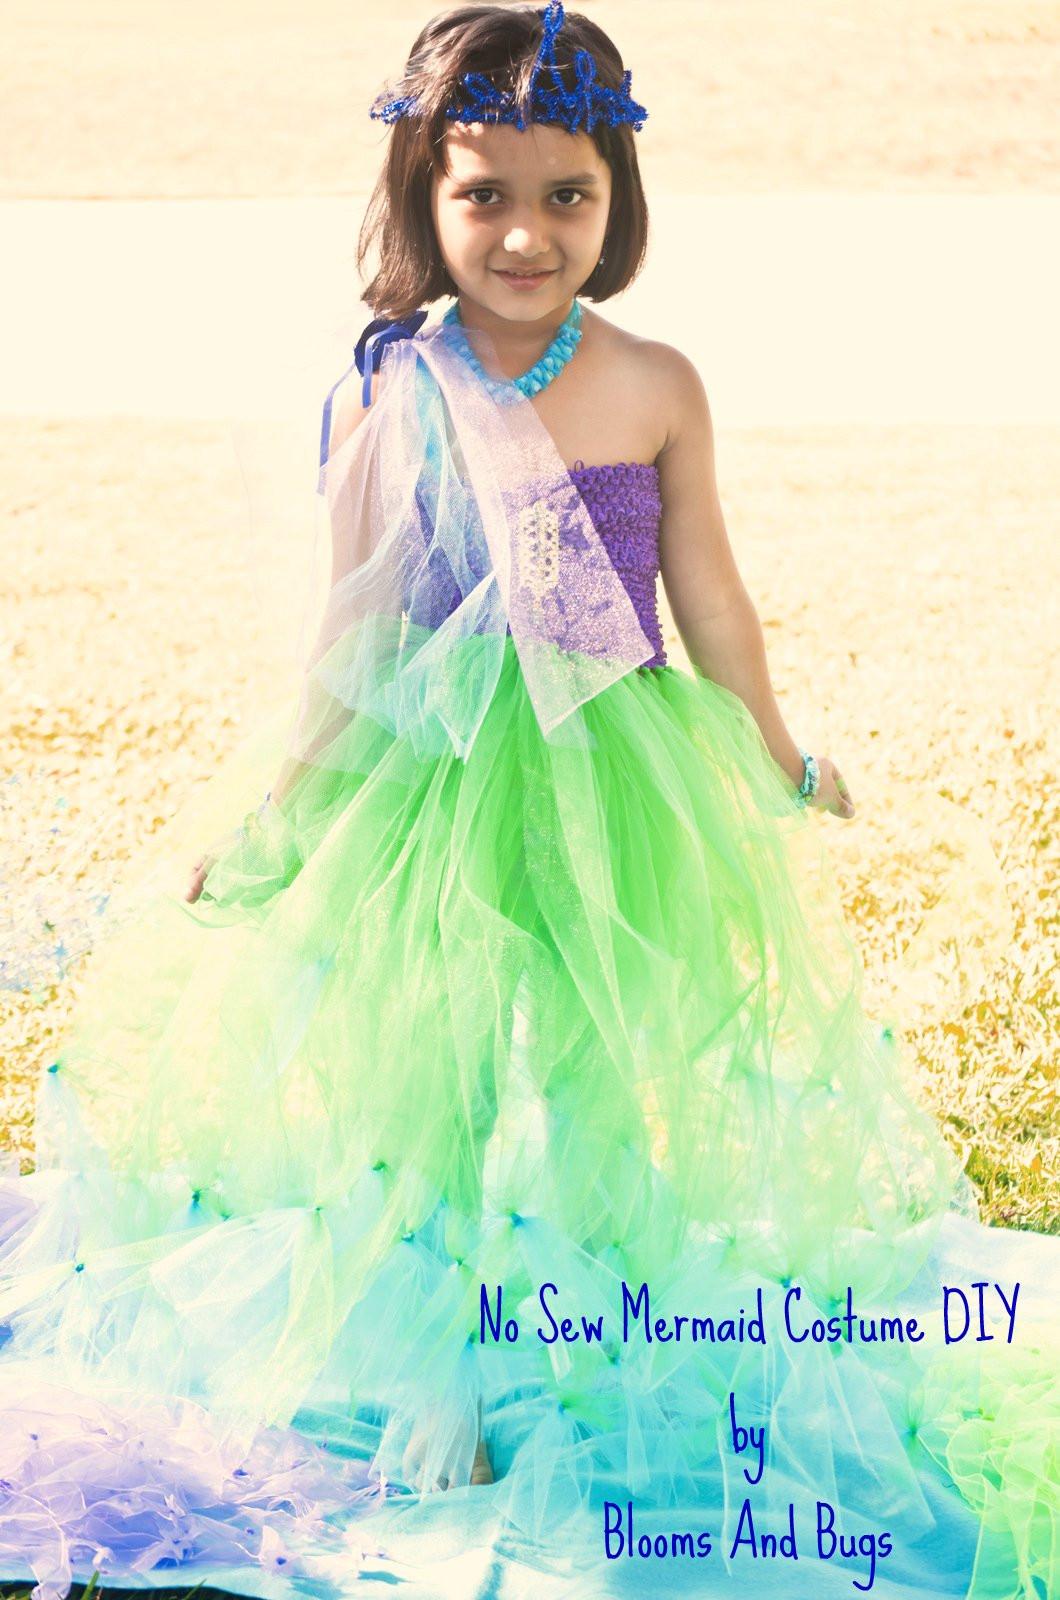 Mermaid Costume DIY  Blooms And Bugs No Sew Mermaid costume DIY